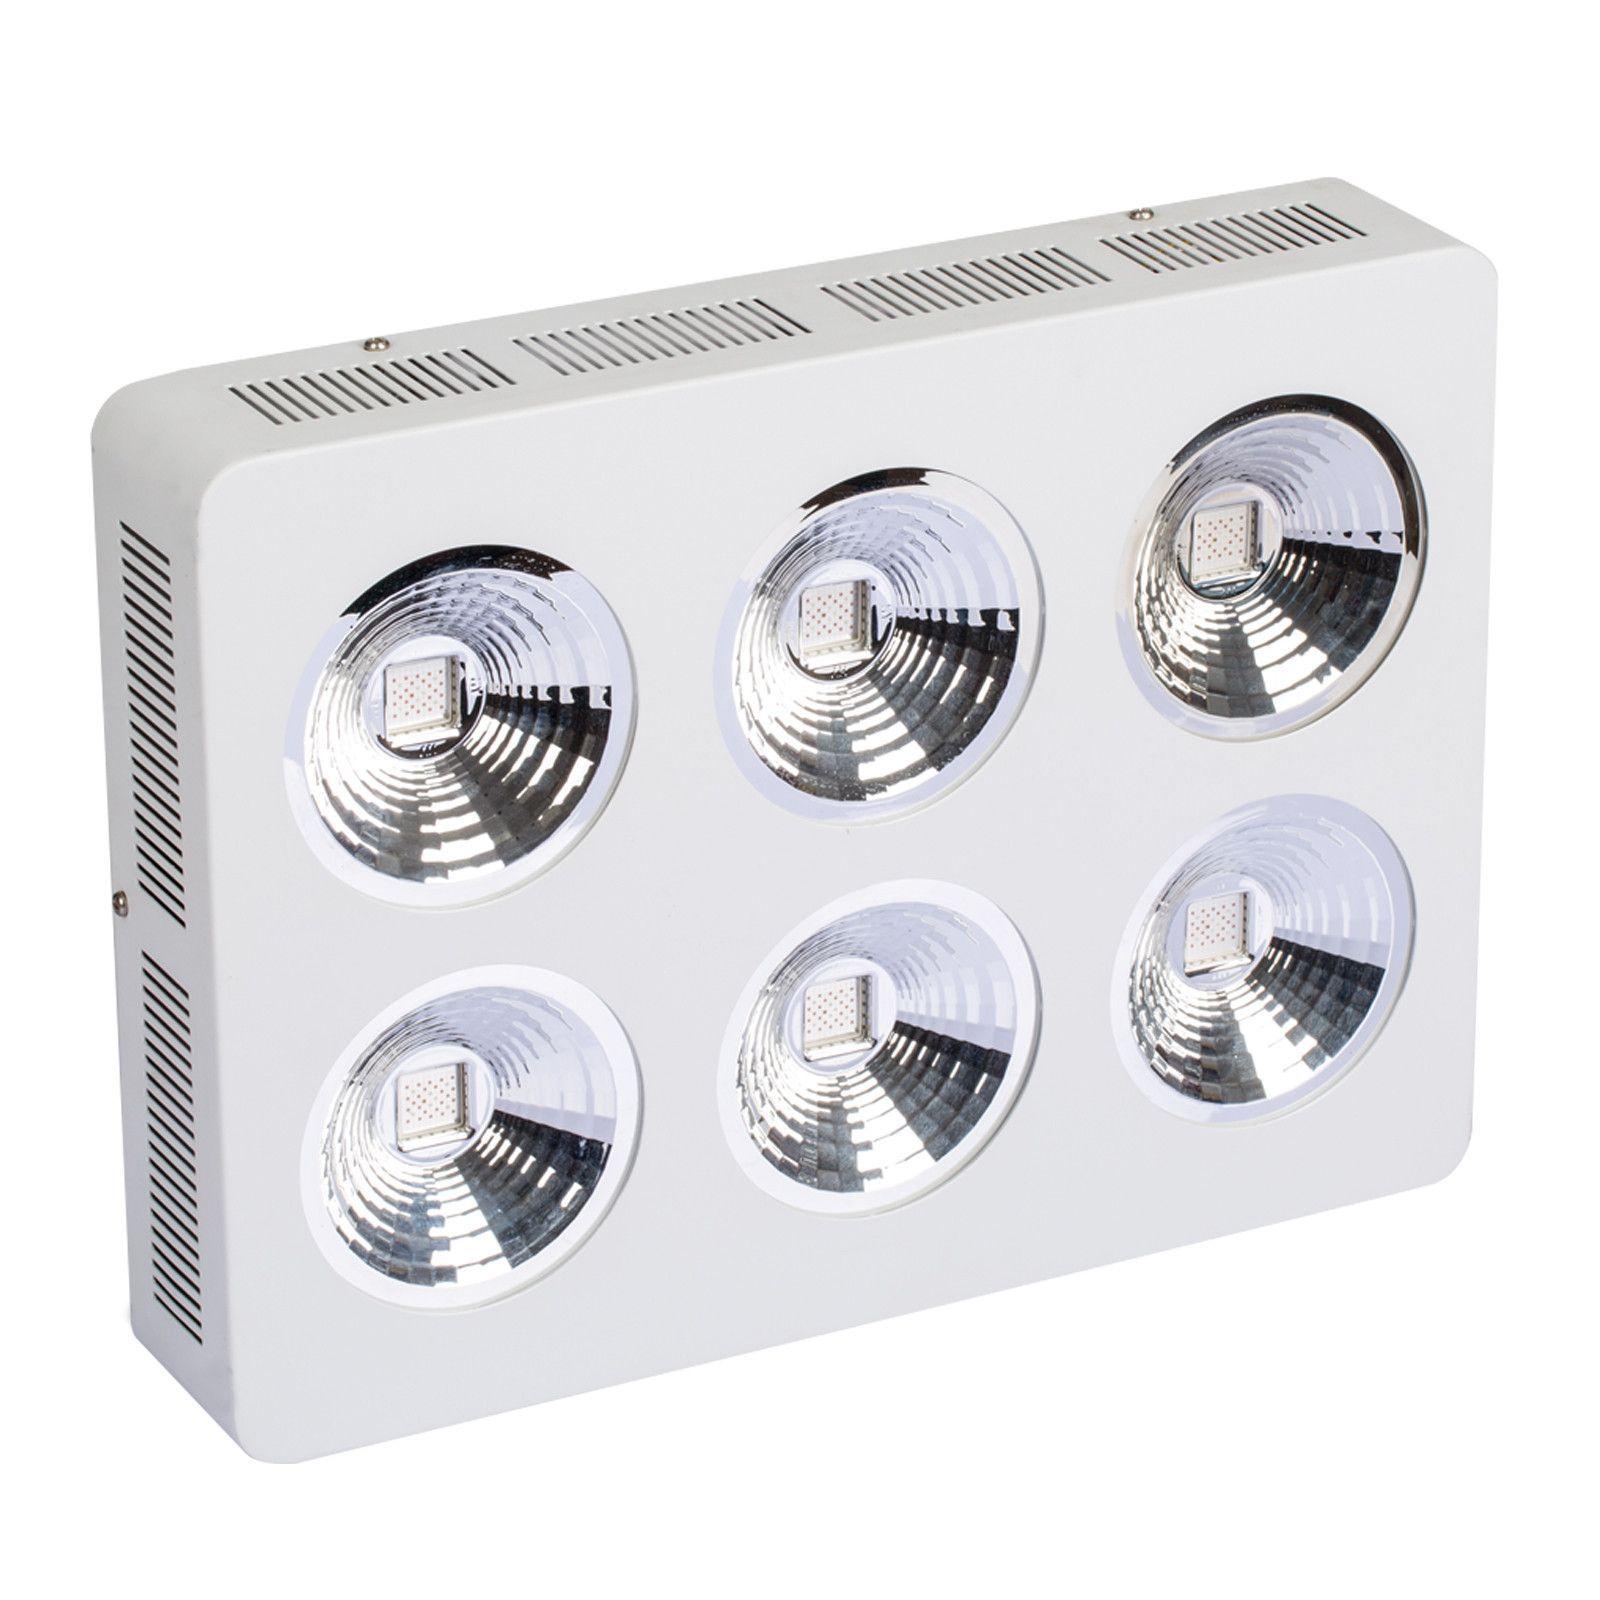 bbd6017580ecba76d30a36b05843b01a Spannende Led Lampe 100 Watt Dekorationen